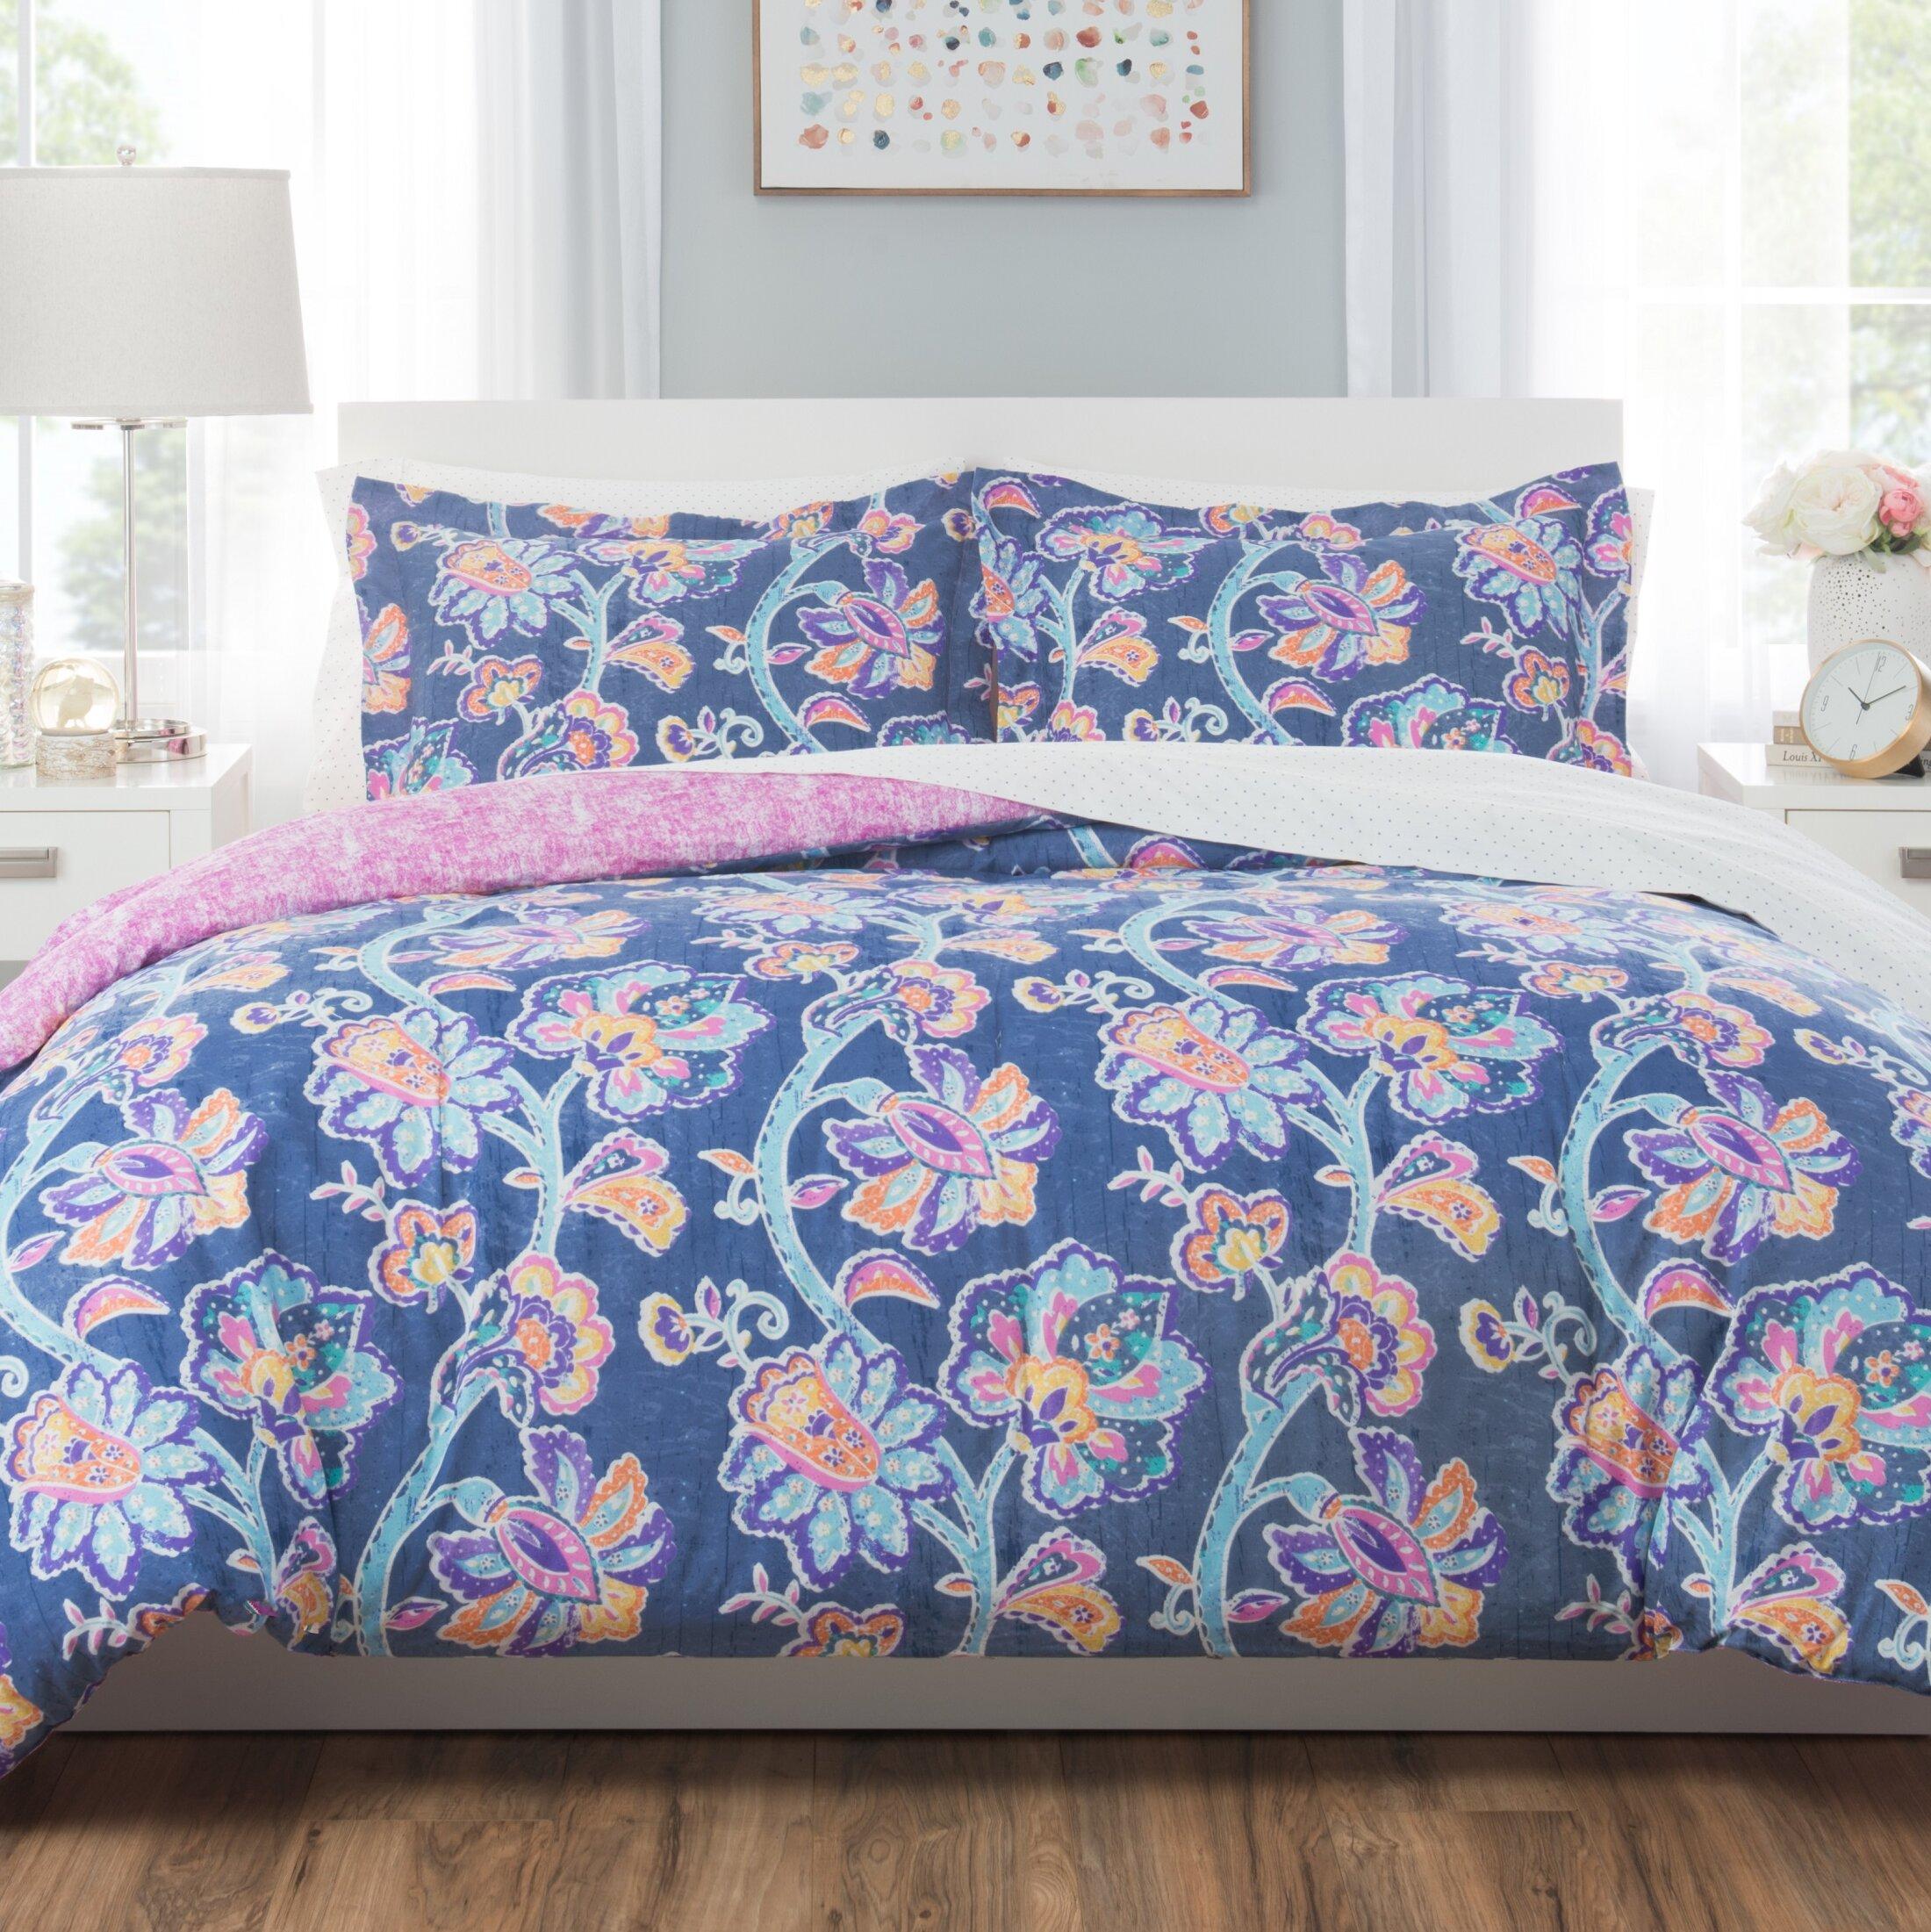 Nicole Miller Reversible Comforter Set Reviews Wayfair